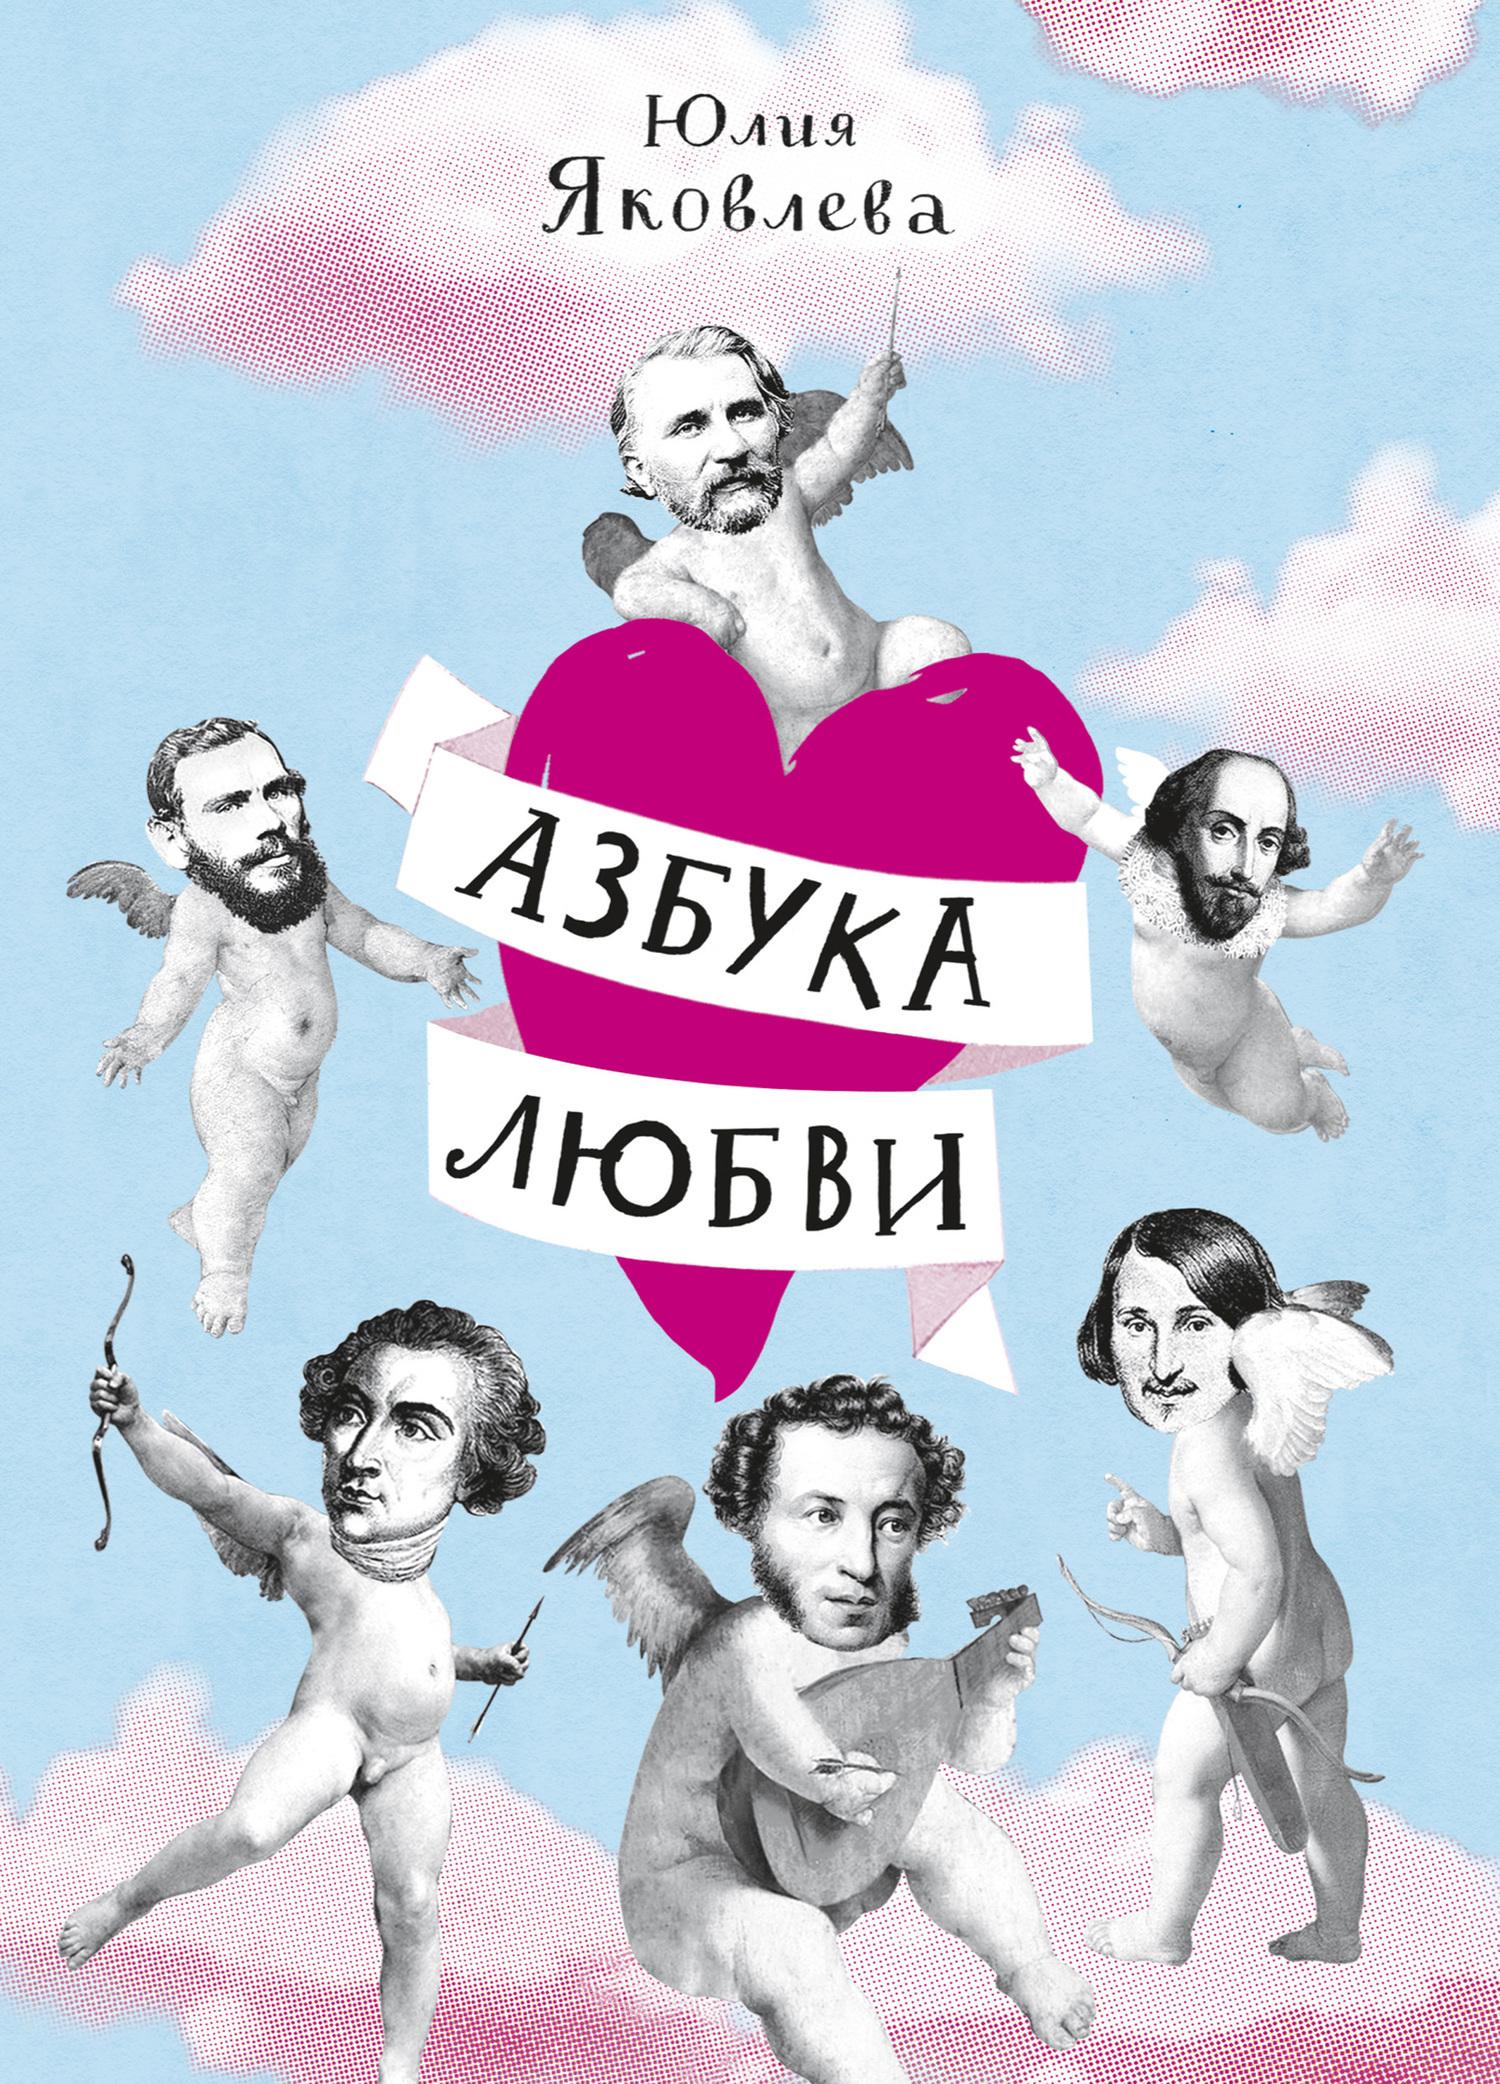 Юлия Яковлева - Азбука Любви